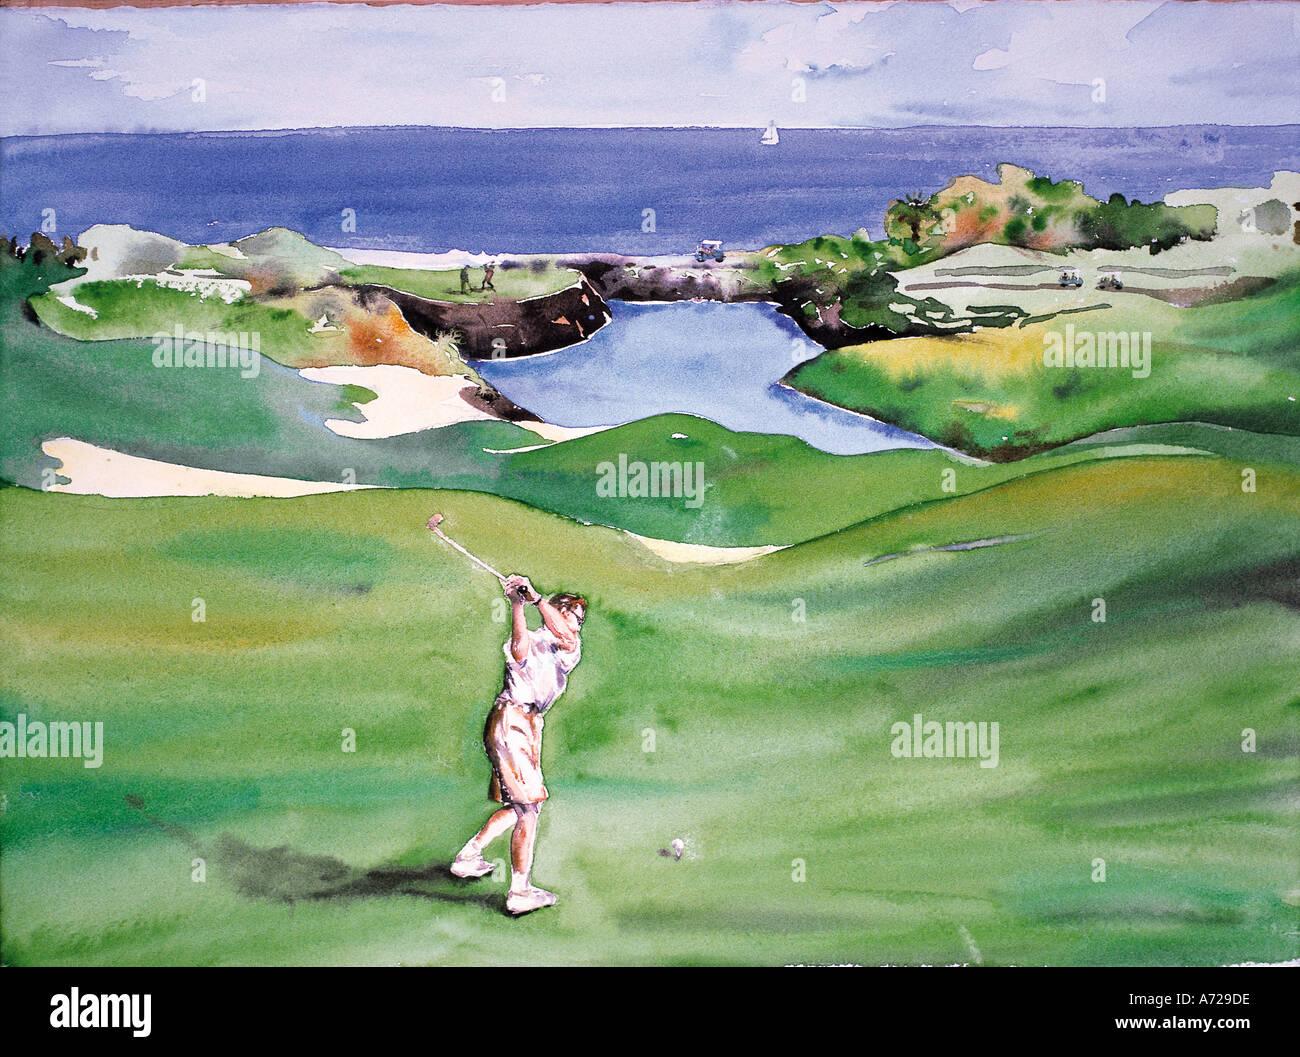 Acuarela de golf en Hawai Imagen De Stock